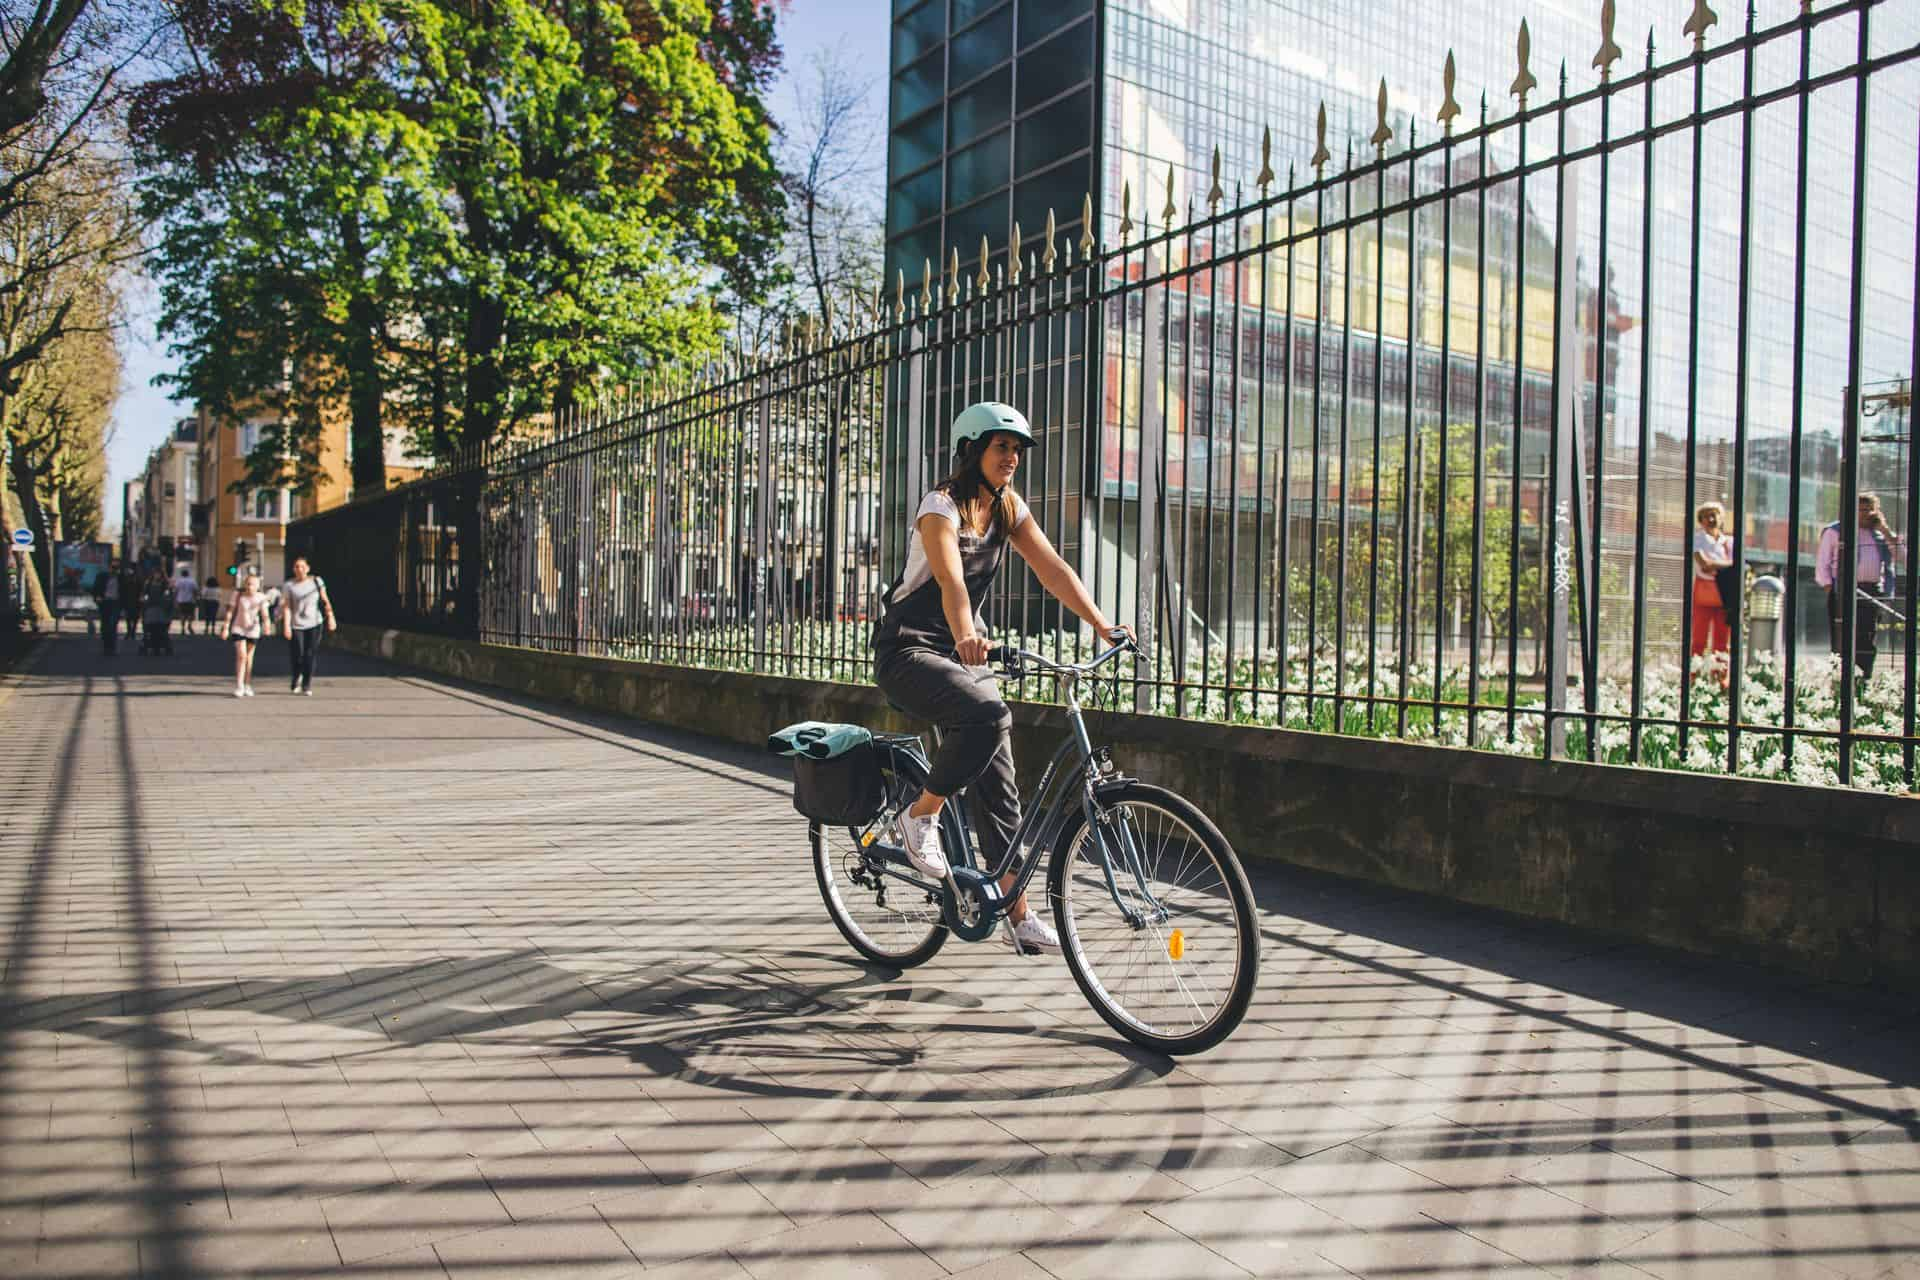 Co daje jazda na rowerze? Korzyści i efekty - Sprawdza się..